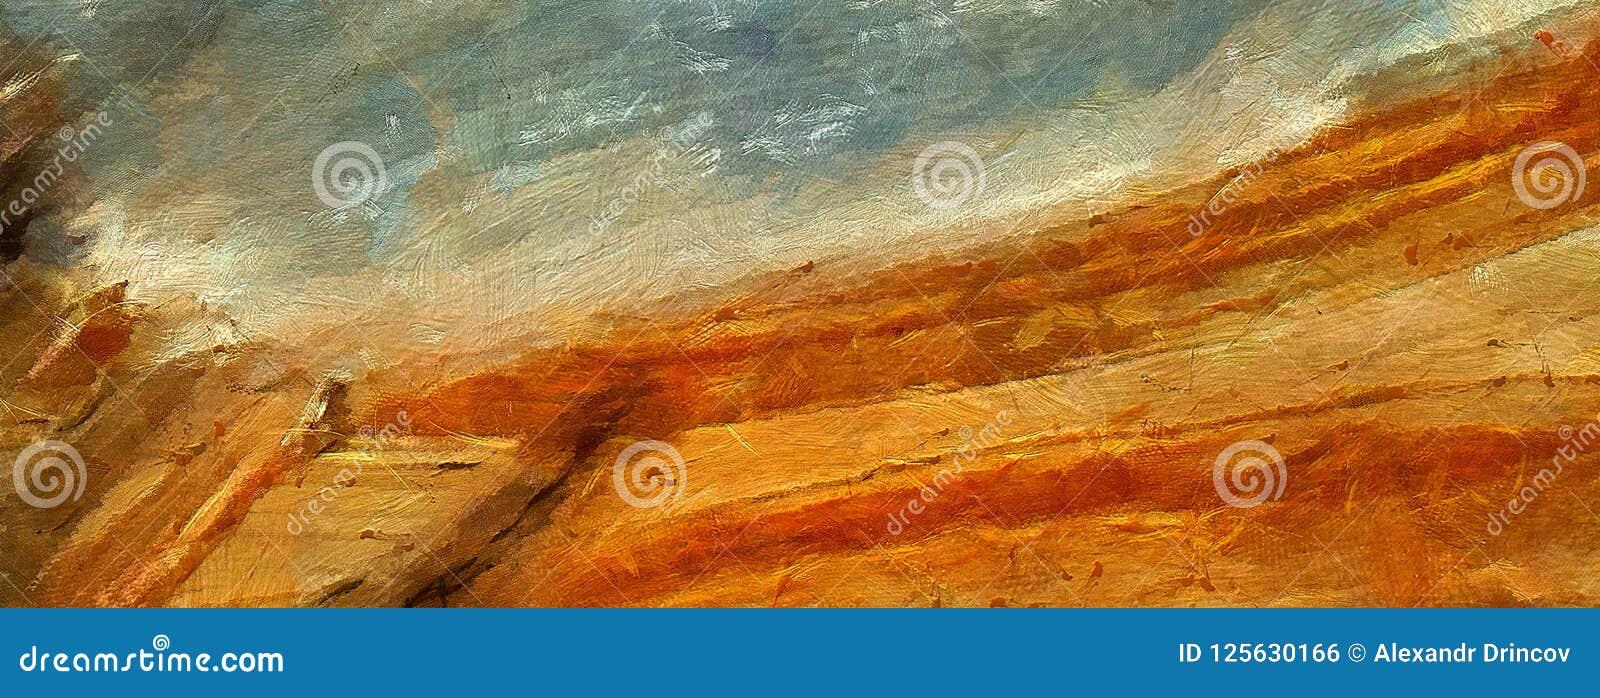 Konst för intryckabstrakt begrepptextur Konstnärlig ljus bacground materiel Konstverk för olje- målning Grafisk tapet för modern